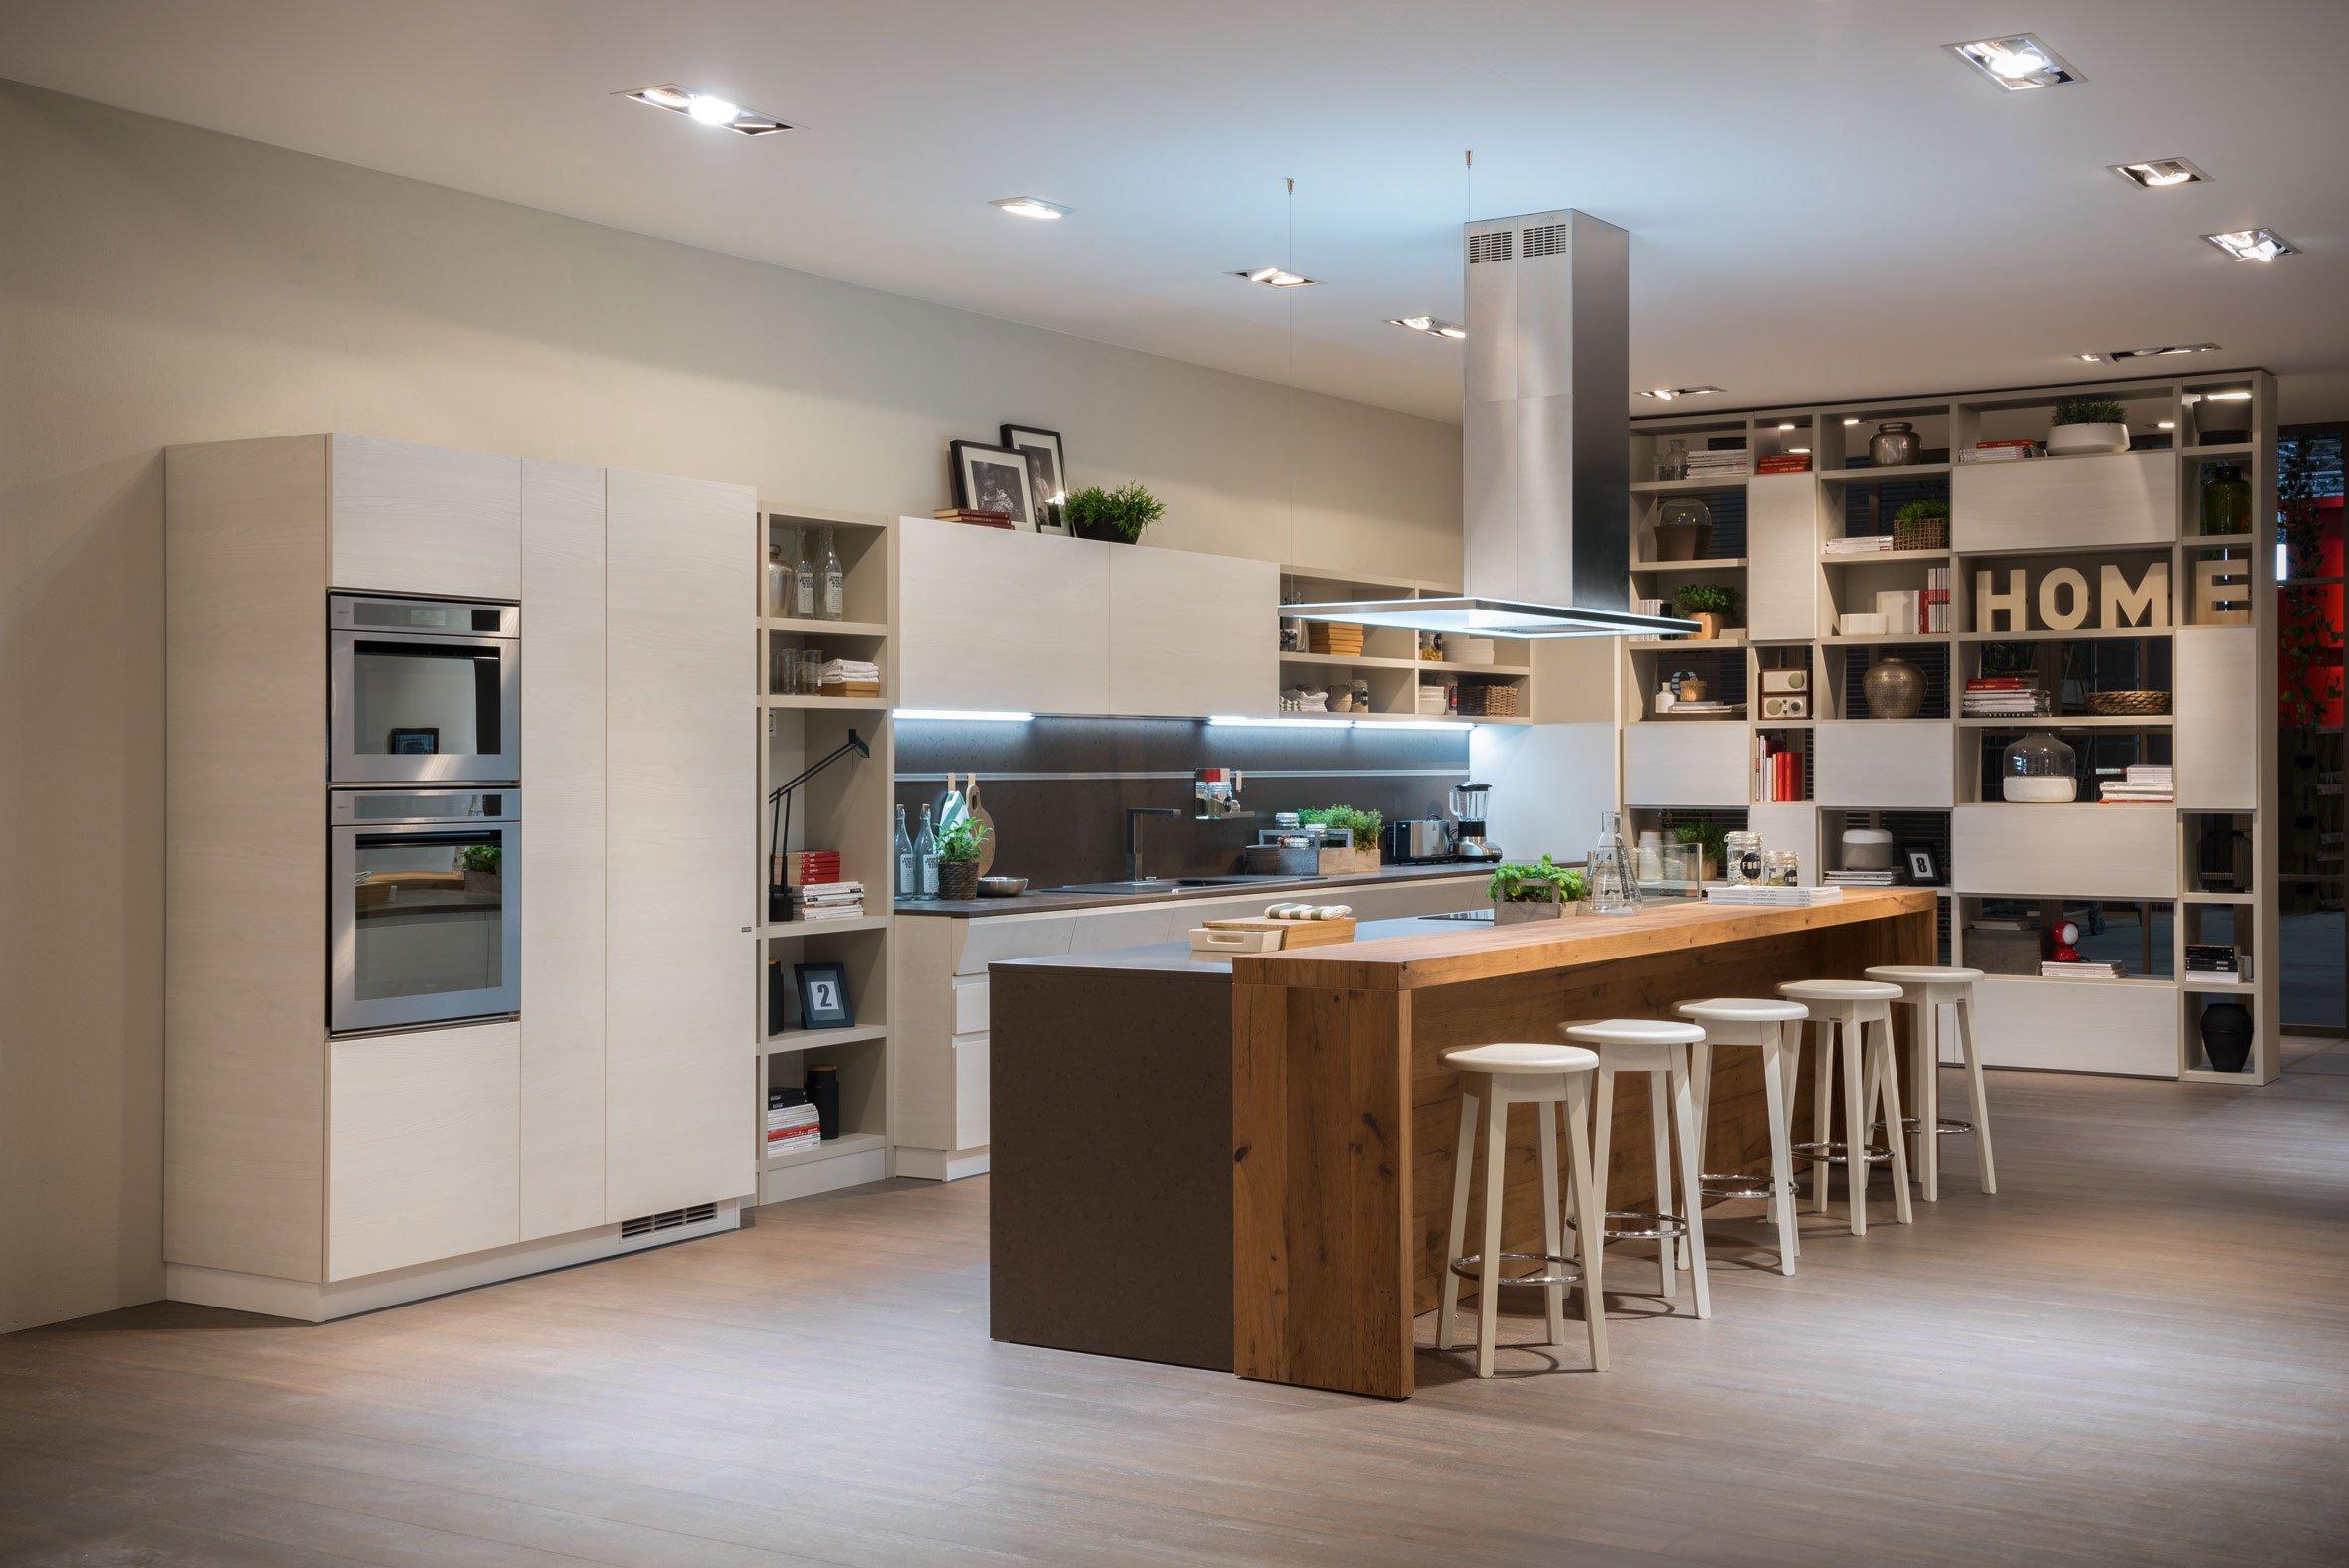 cucina e soggiorno: un unico ambiente - cose di casa - Ambiente Unico Cucina Soggiorno Casa